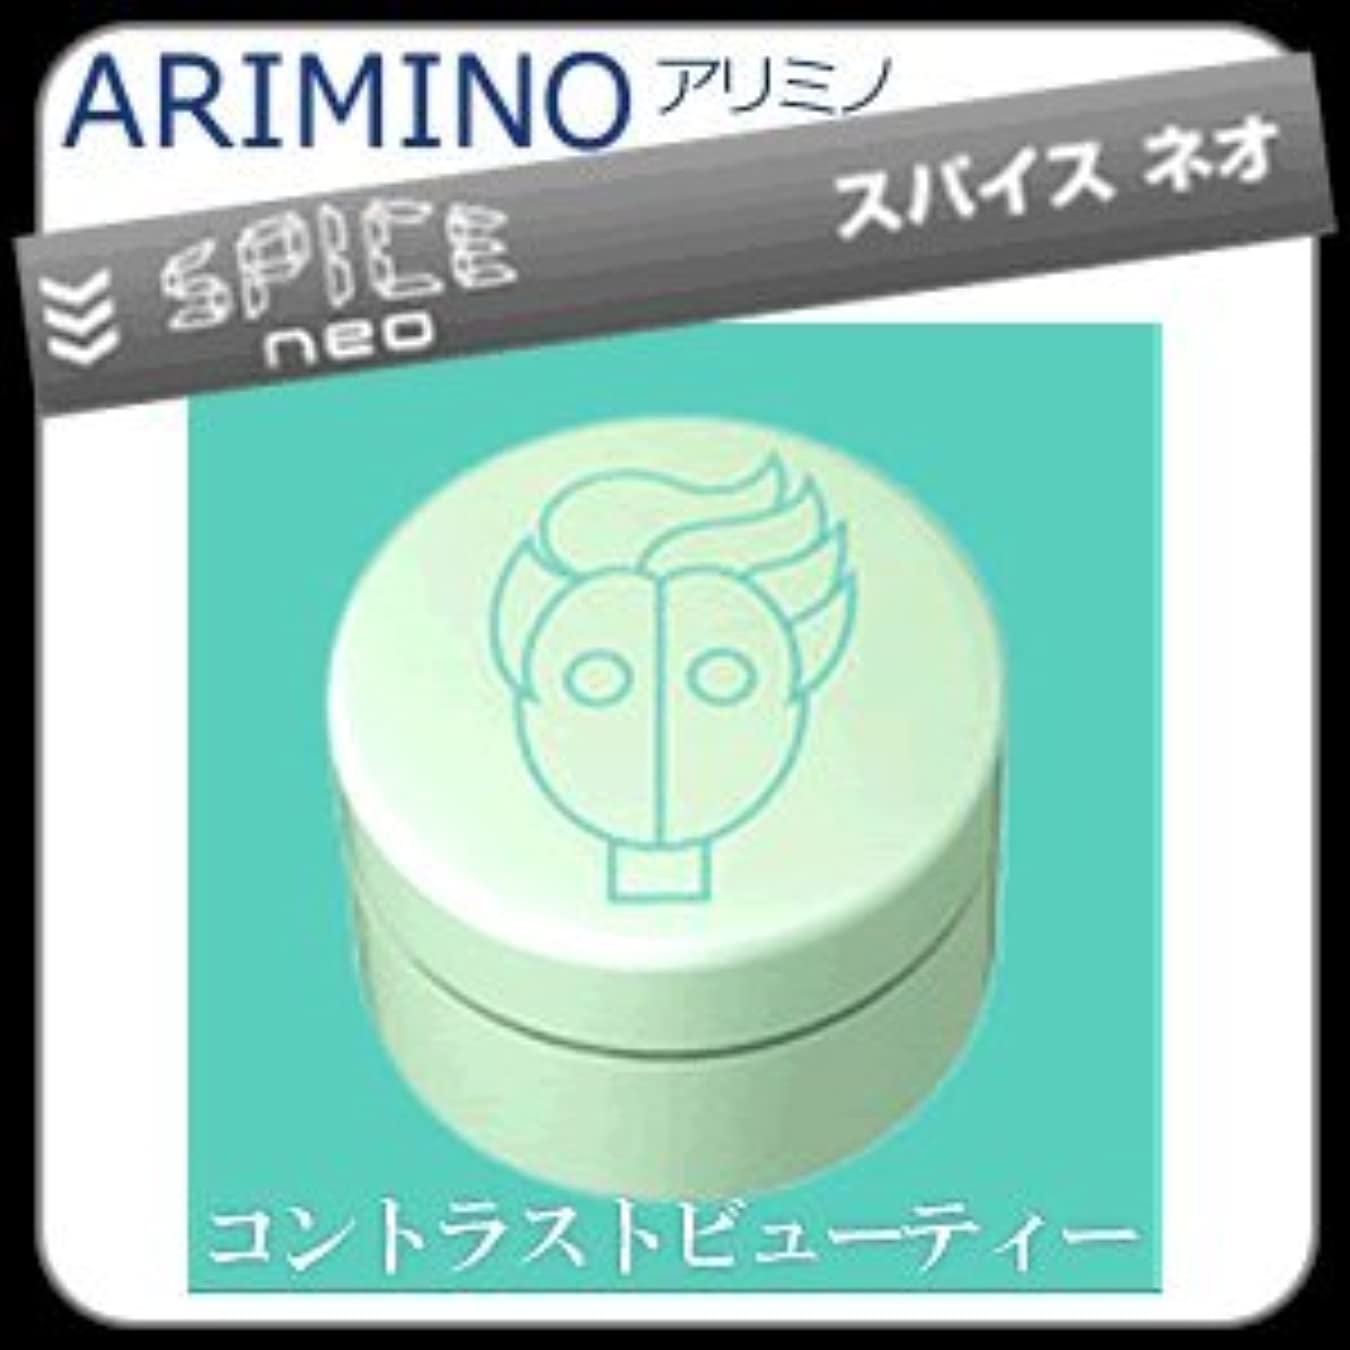 パウダー講師調停者【X5個セット】 アリミノ スパイスネオ GREASE-WAX グリースワックス 100g ARIMINO SPICE neo